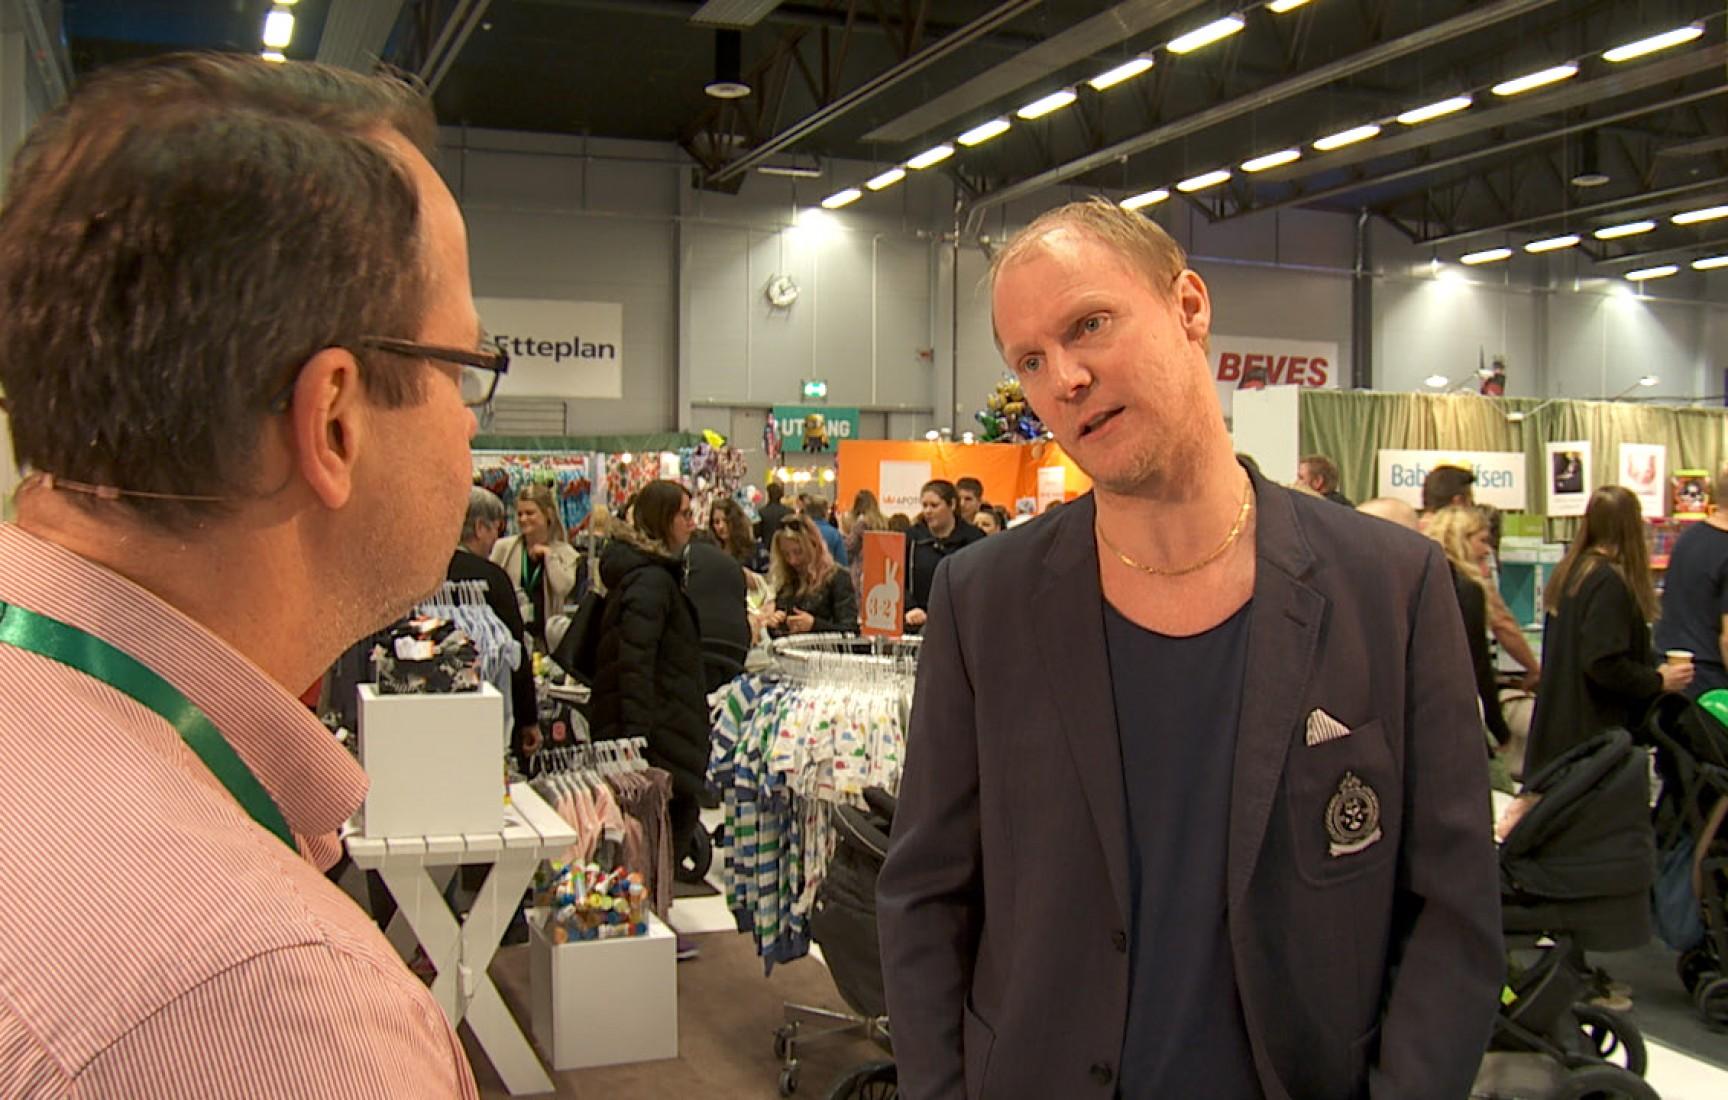 Glimt Sport – Michael Bergqvist summerar innebandysäsongen